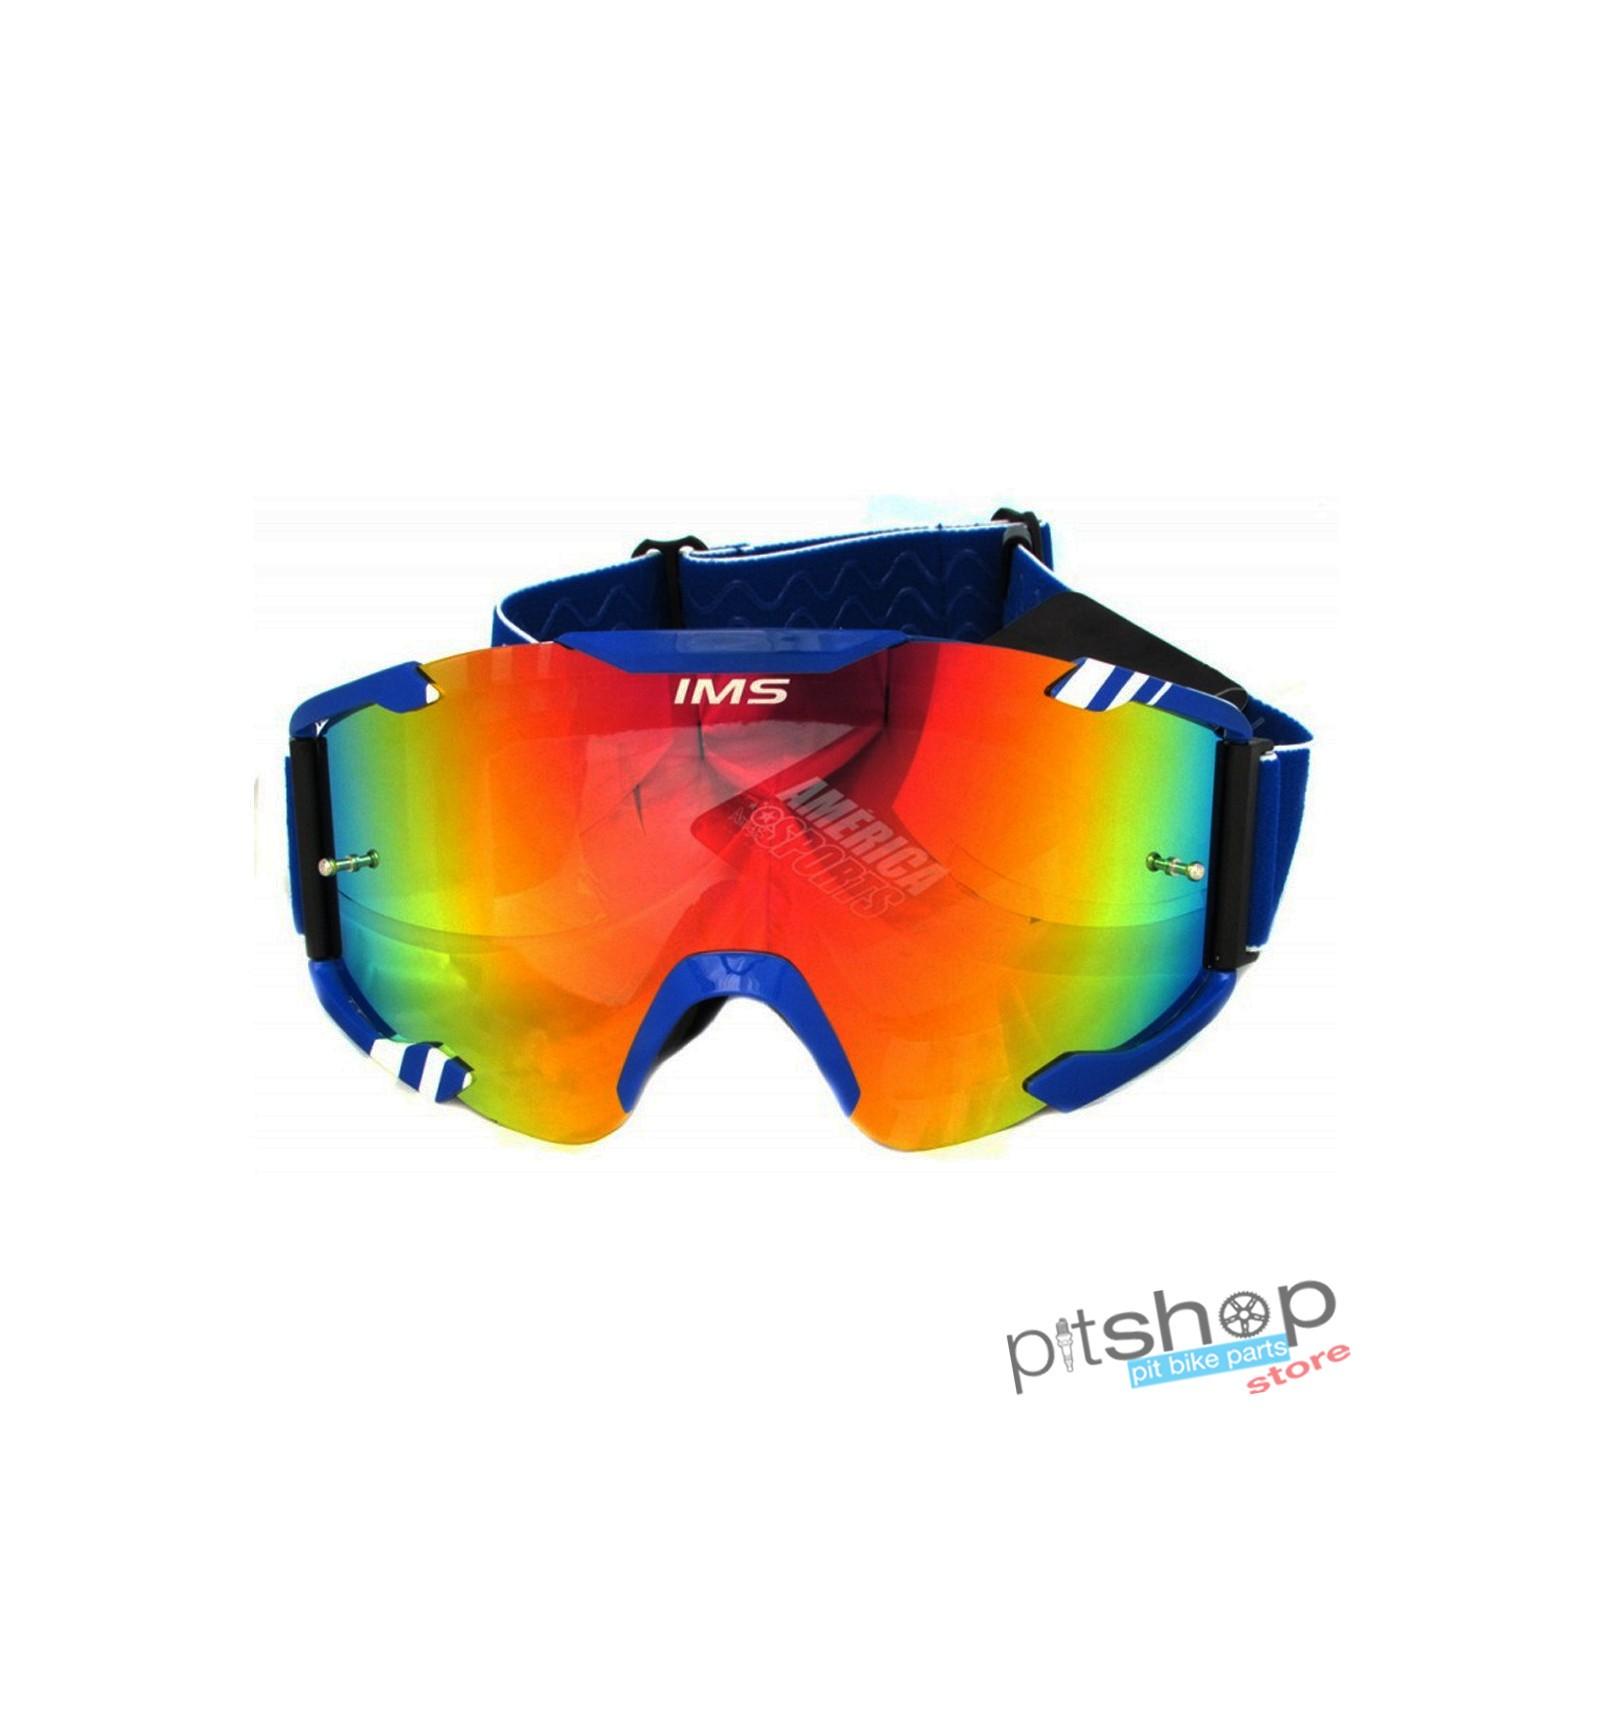 695fcc0135739 Oculos IMS Prime com bolsa de transporte e 2 lentes